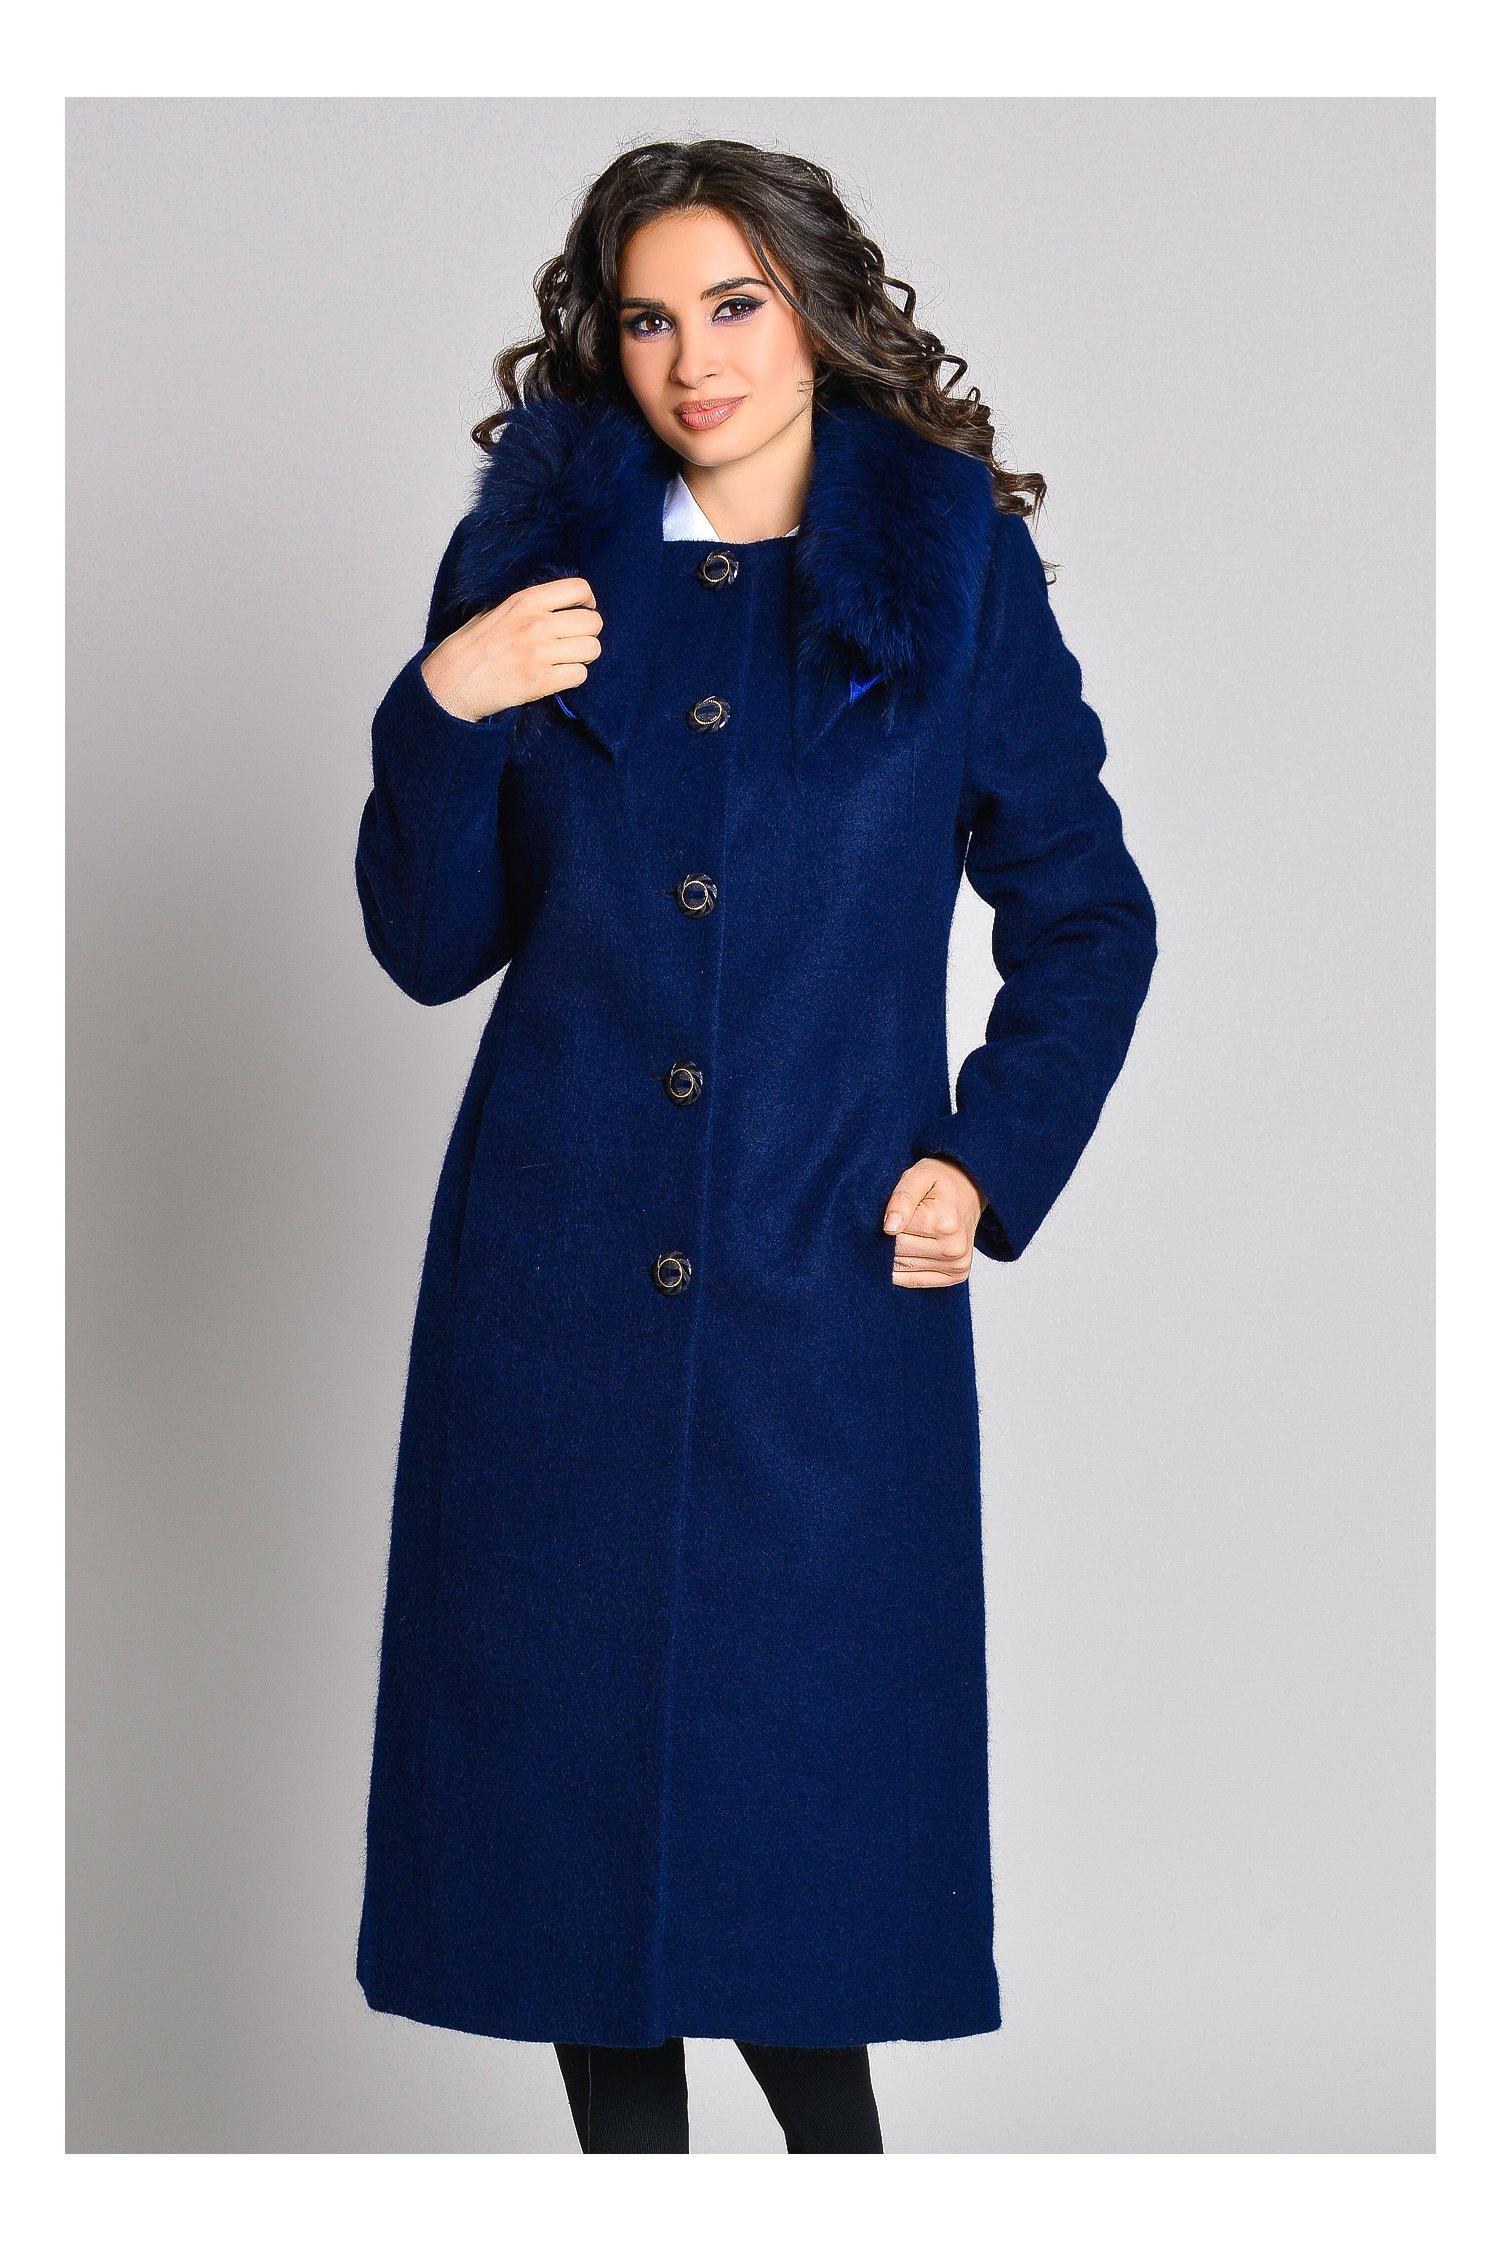 Palton elegant bleumarin lung cu blanita la guler, colectia 2018